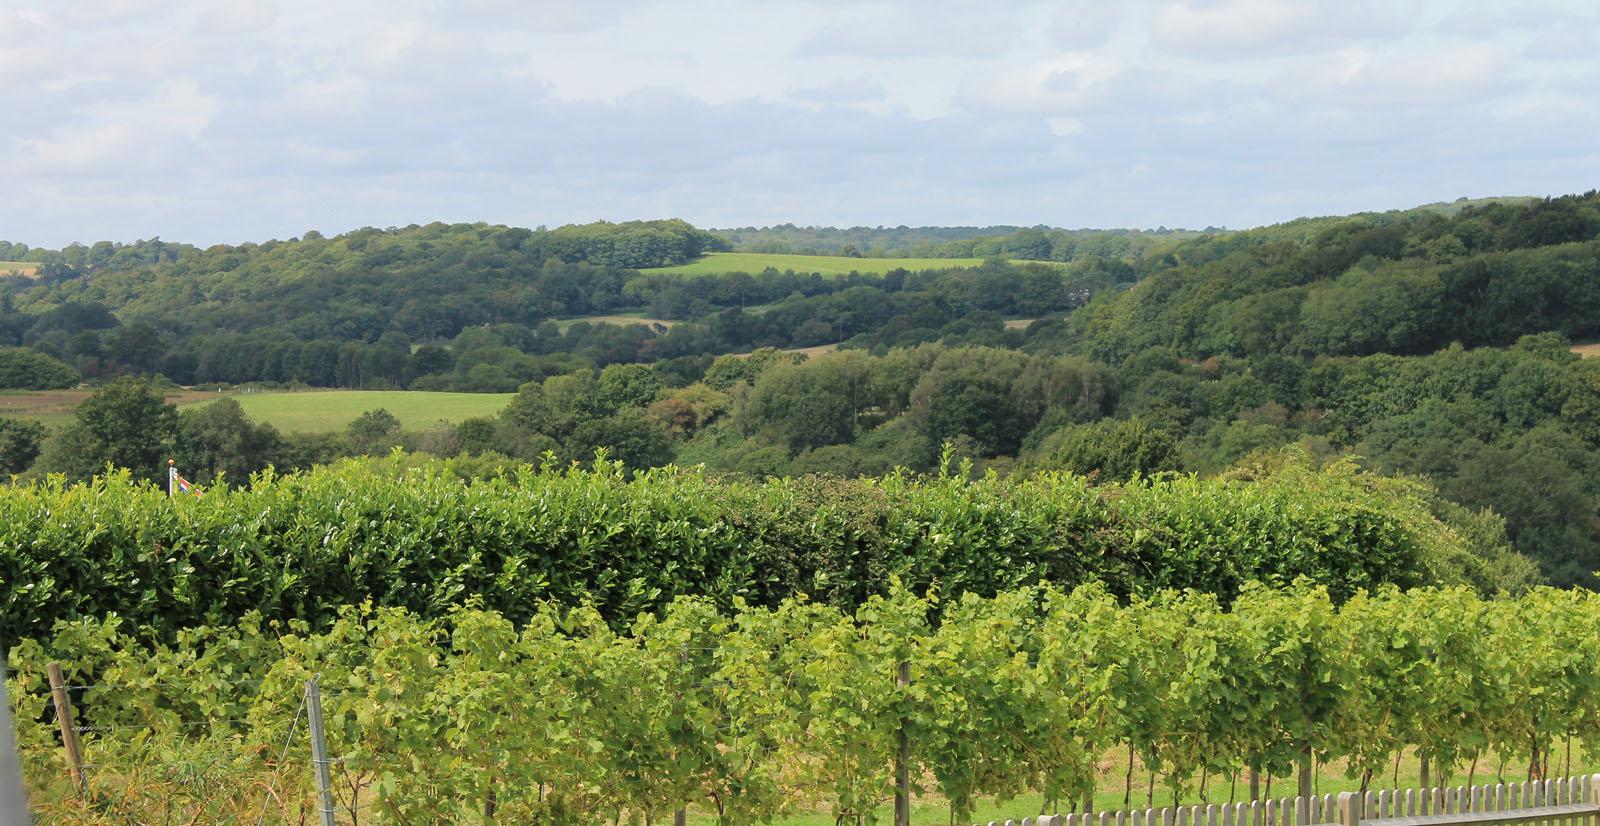 Country vineyard by Lynda Grigs